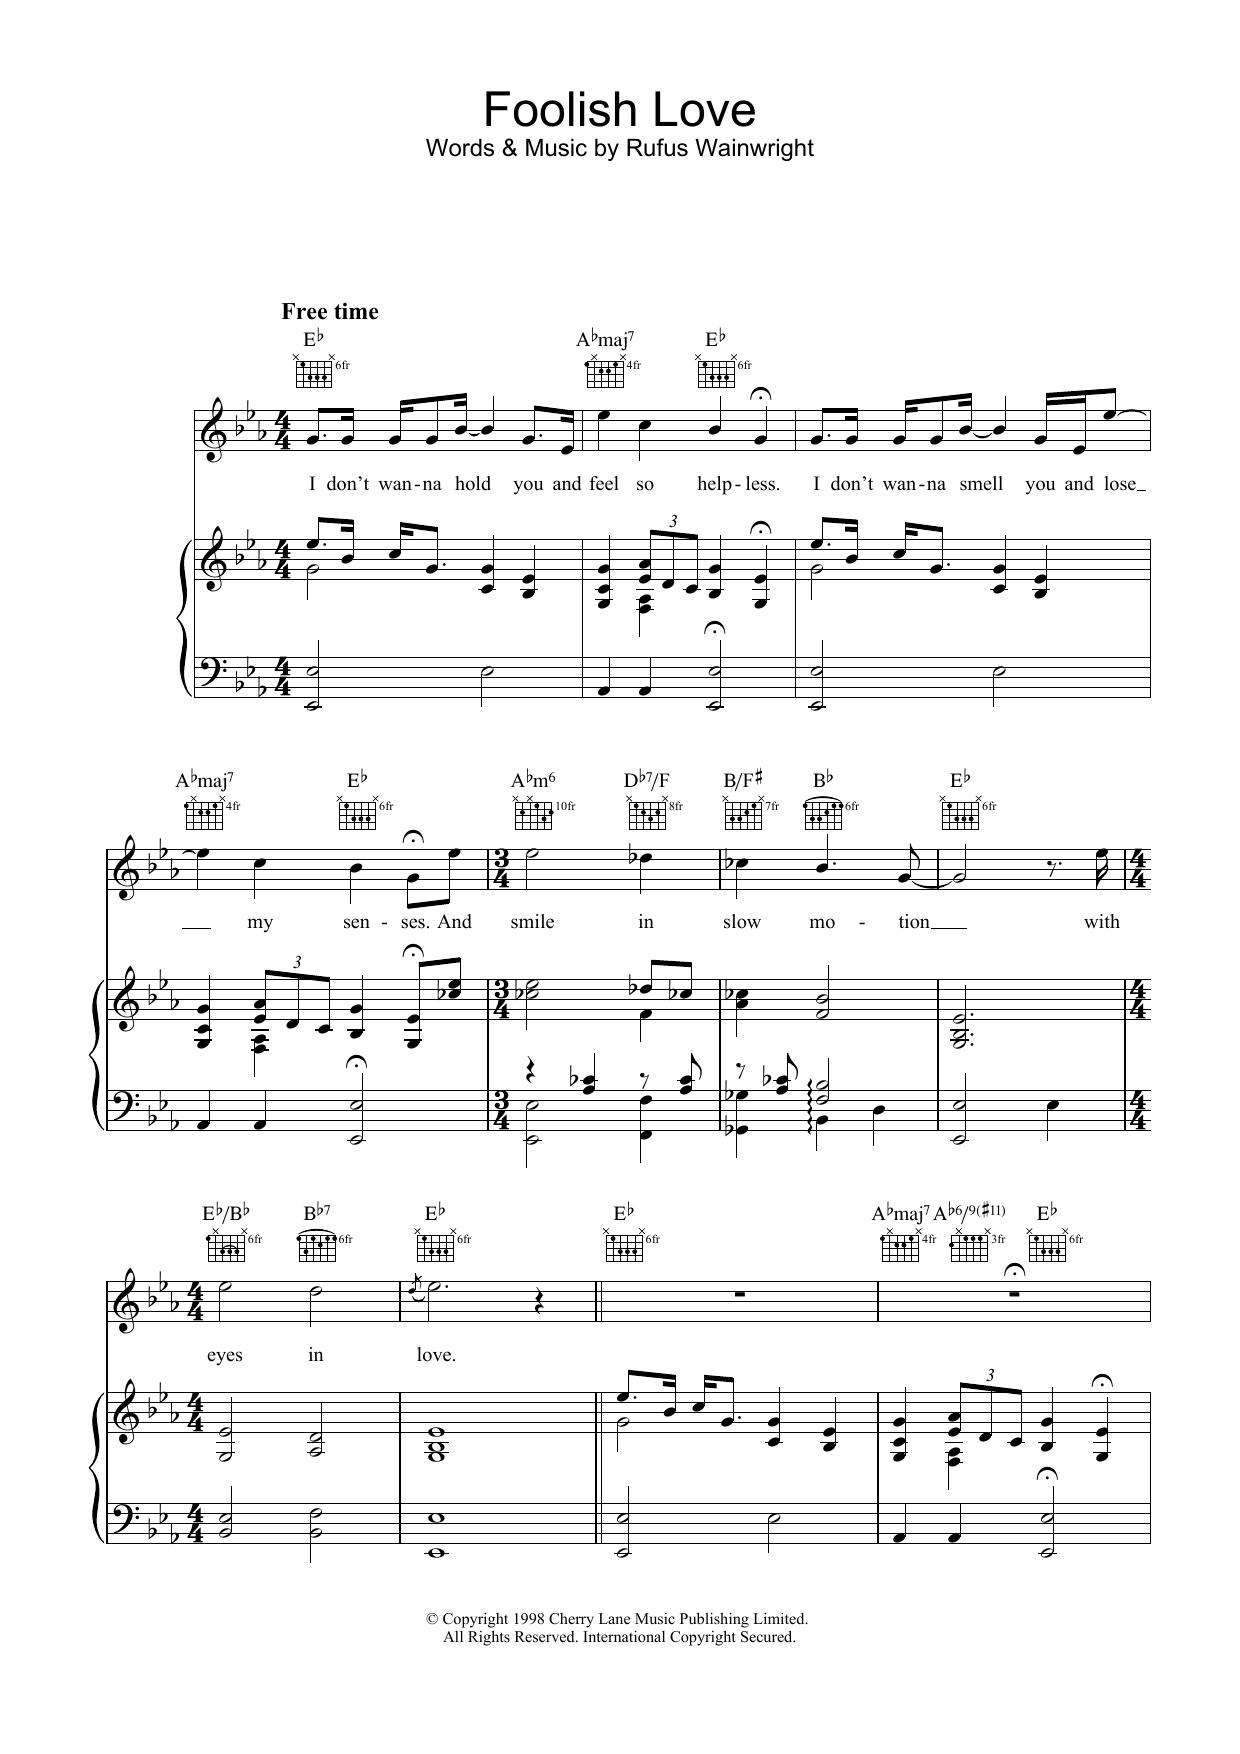 Rufus Wainwright Foolish Love sheet music notes and chords. Download Printable PDF.